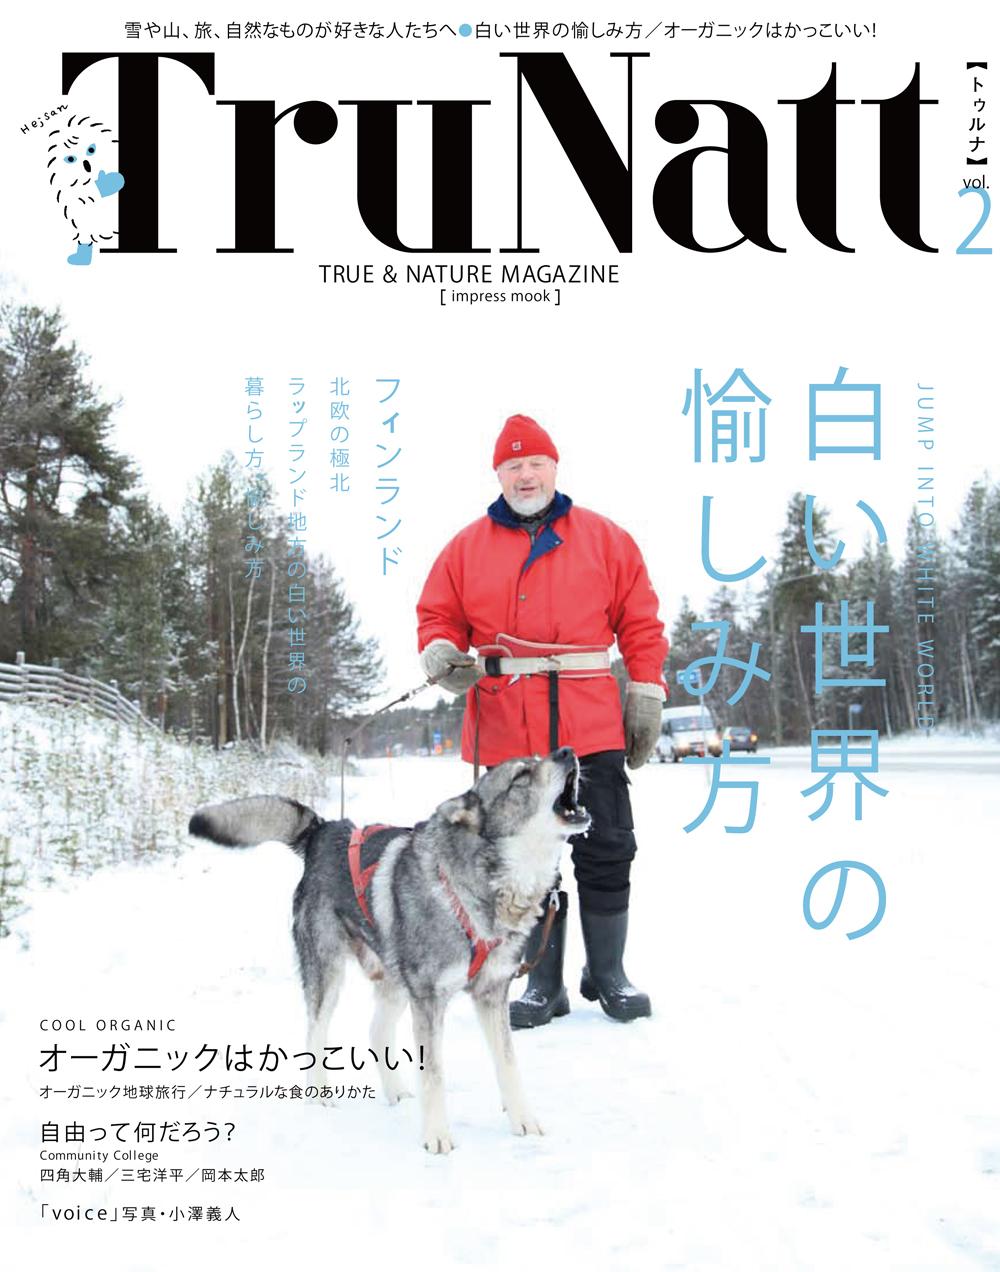 TruNatt vol.2